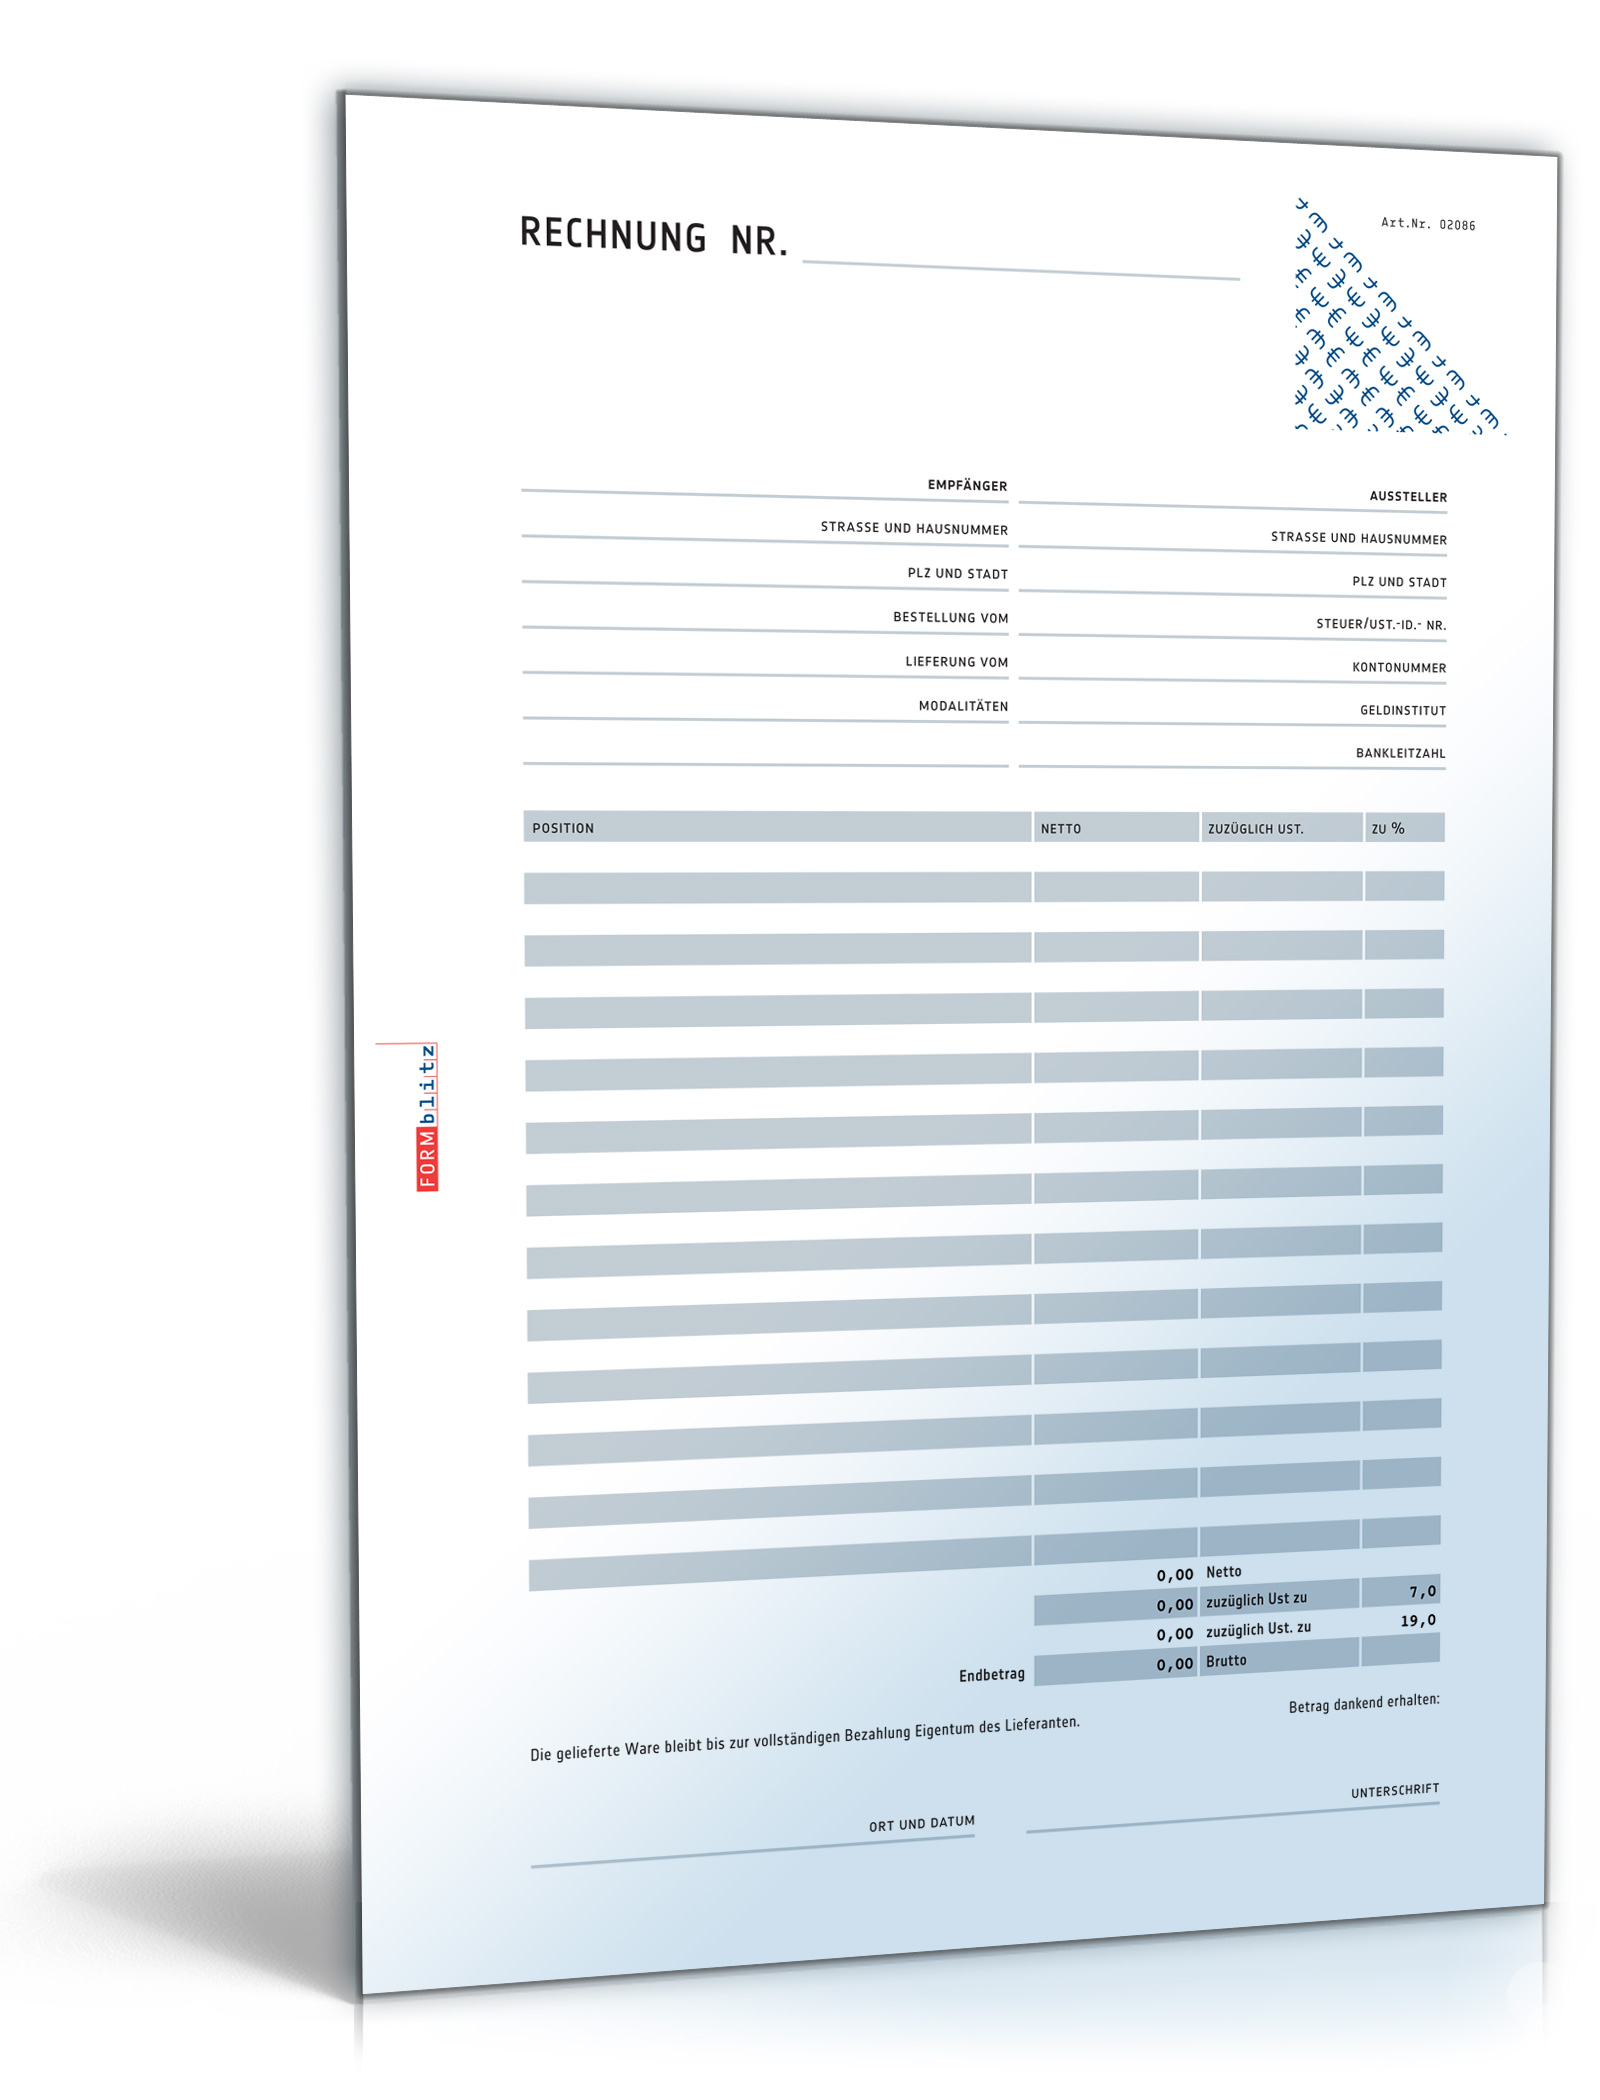 Rechnung netto mit Überweisungsträger / Zahlschein